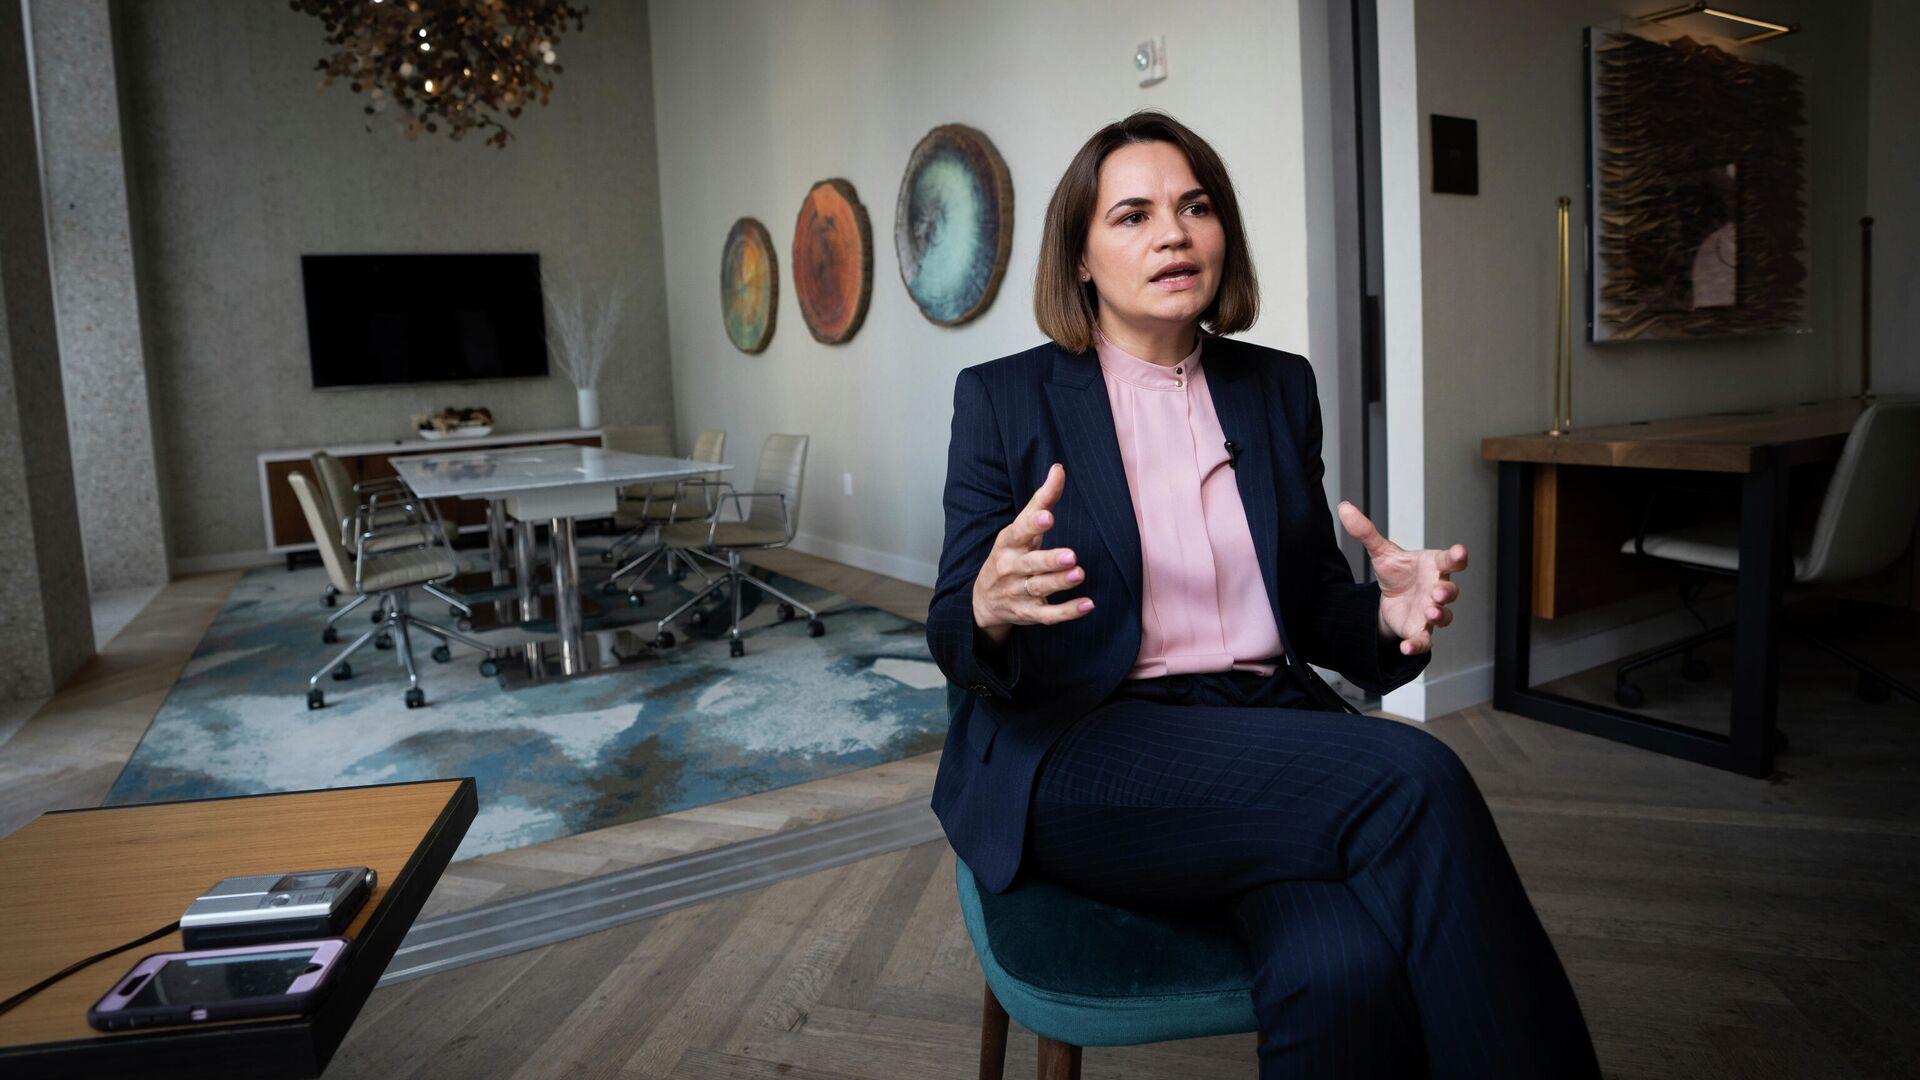 Тихановская заявила, что на нее возложили слишком большую ответственность